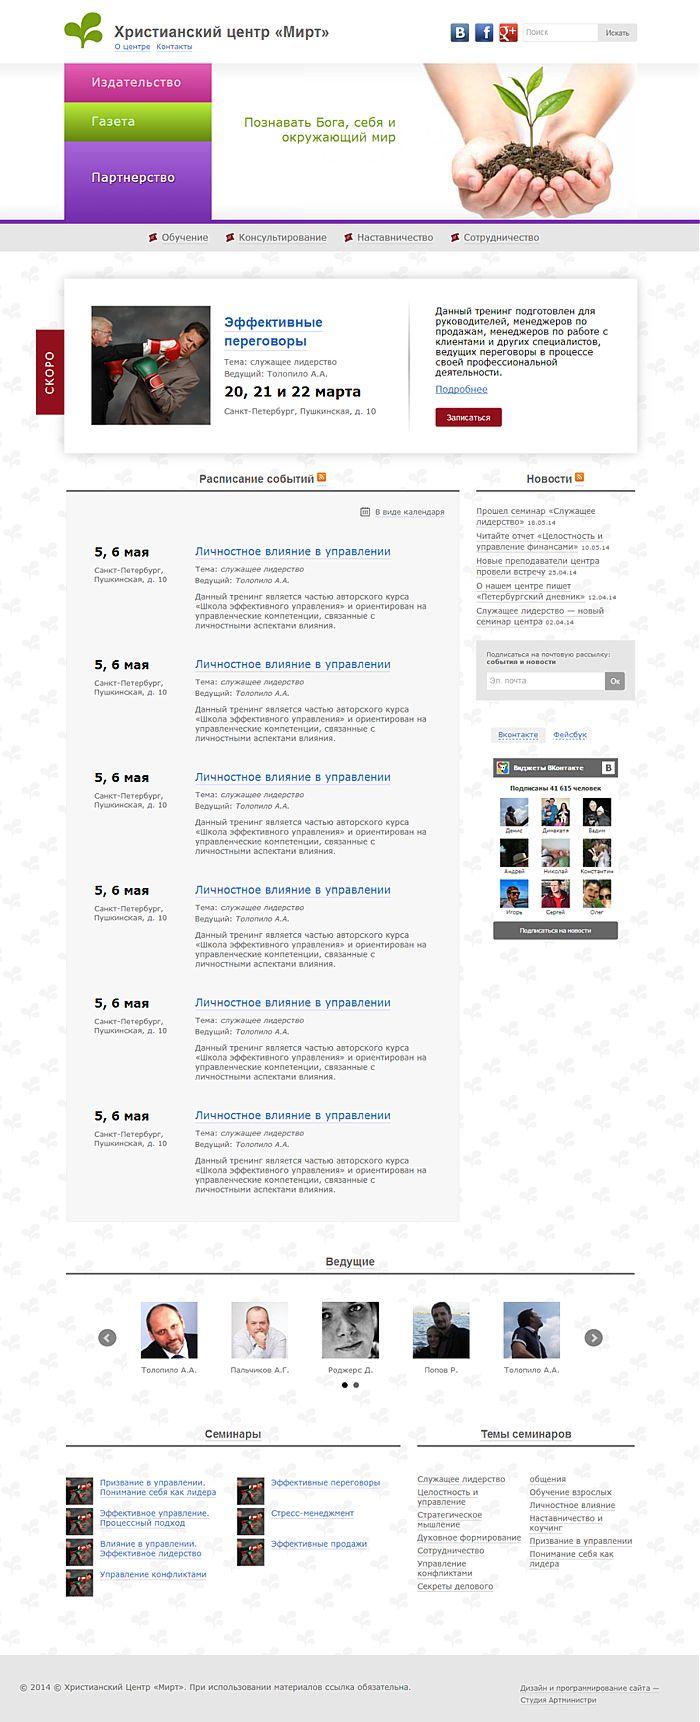 Дизайн сайта центра Мирт. Центральная страница.